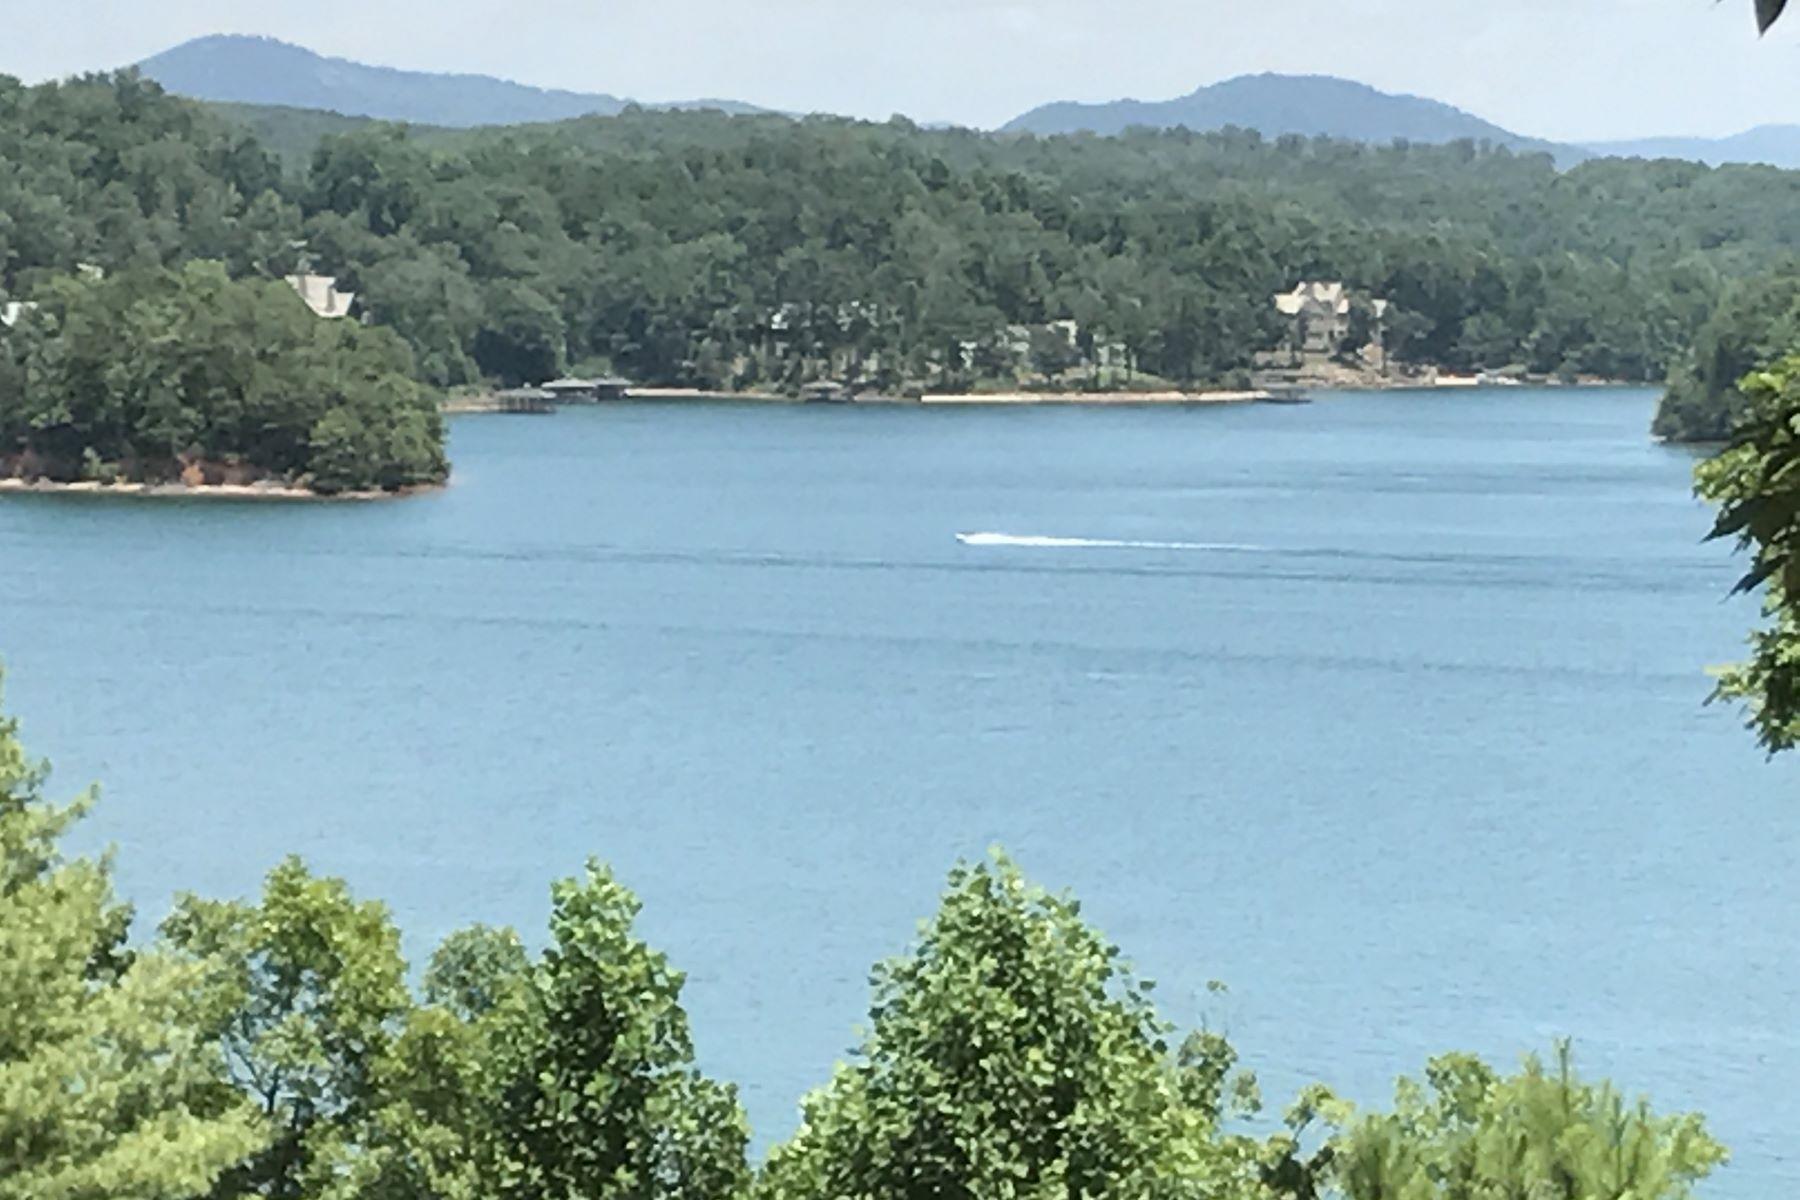 Terreno por un Venta en Waterfront Lot with Views of Lake & Mountains! JC8 Salem, Carolina Del Sur, 29676 Estados Unidos